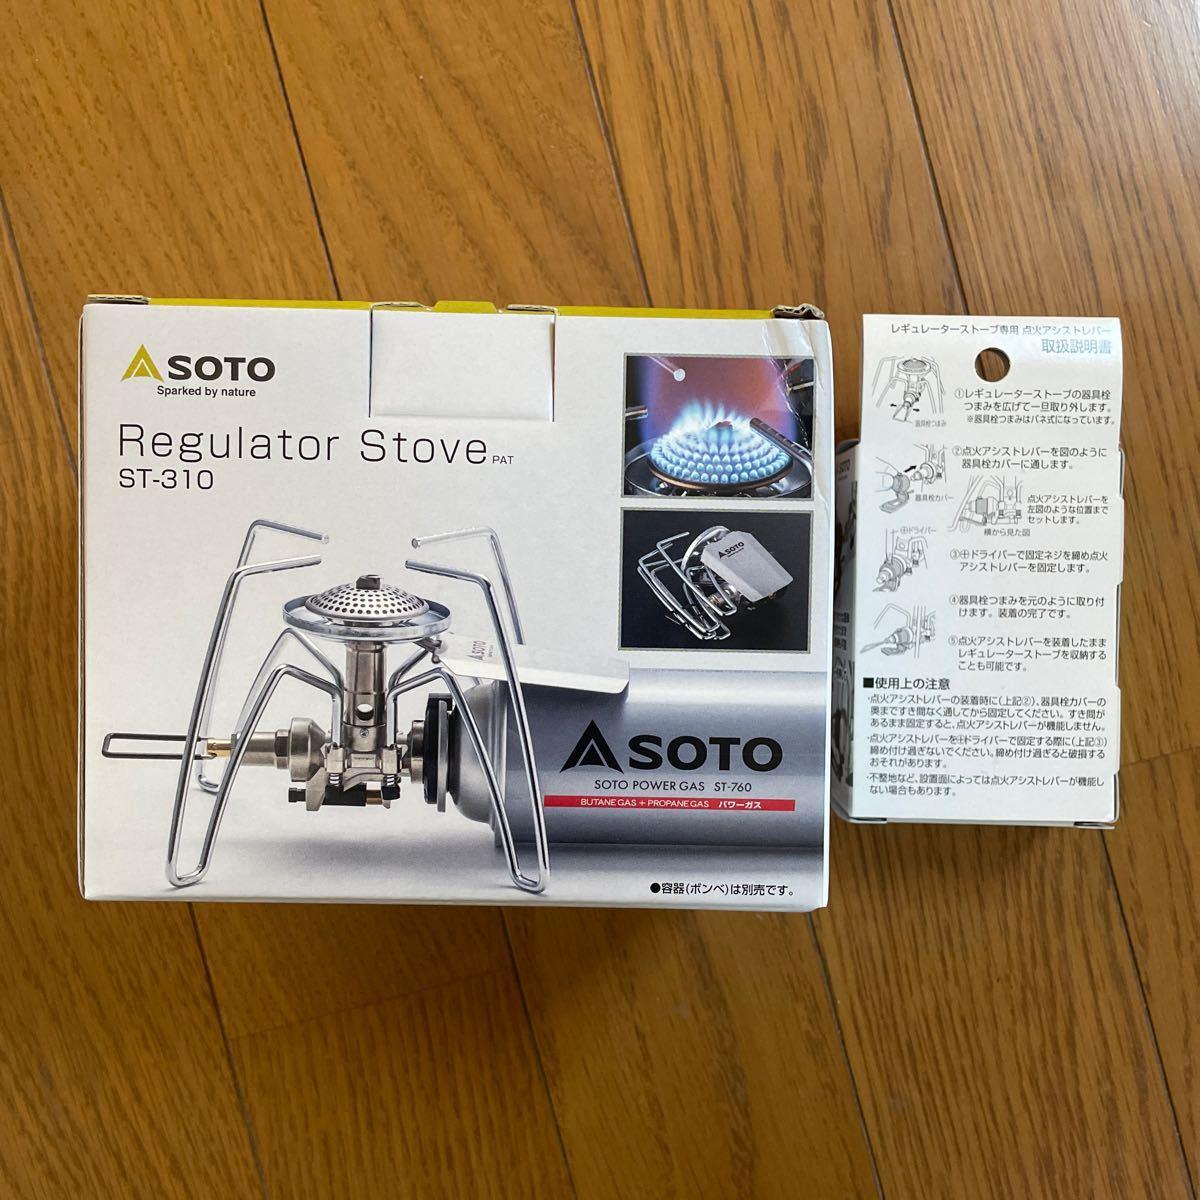 ソト(SOTO) レギュレーターストーブ シルバー ST-310 専用点火アシスト付き